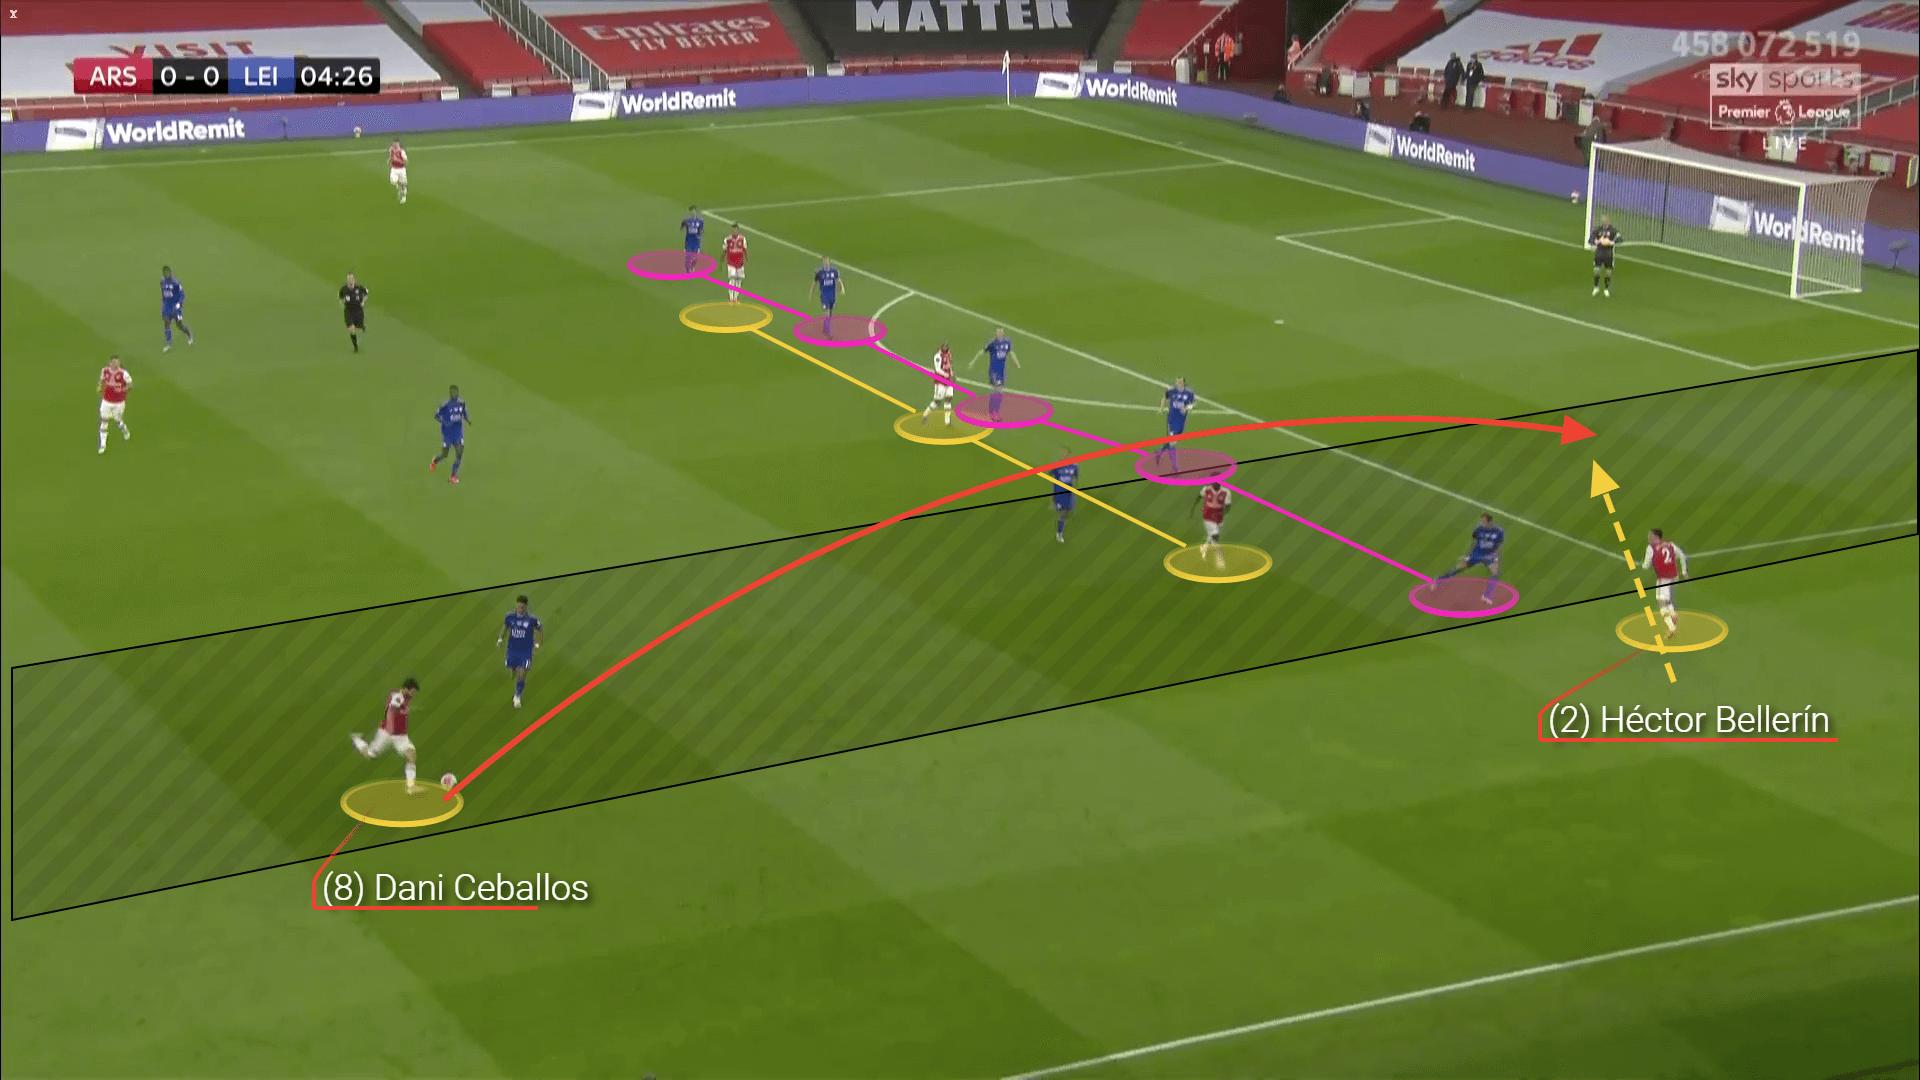 Dani Ceballos: His role under Arteta - scout report tactical analysis tactics